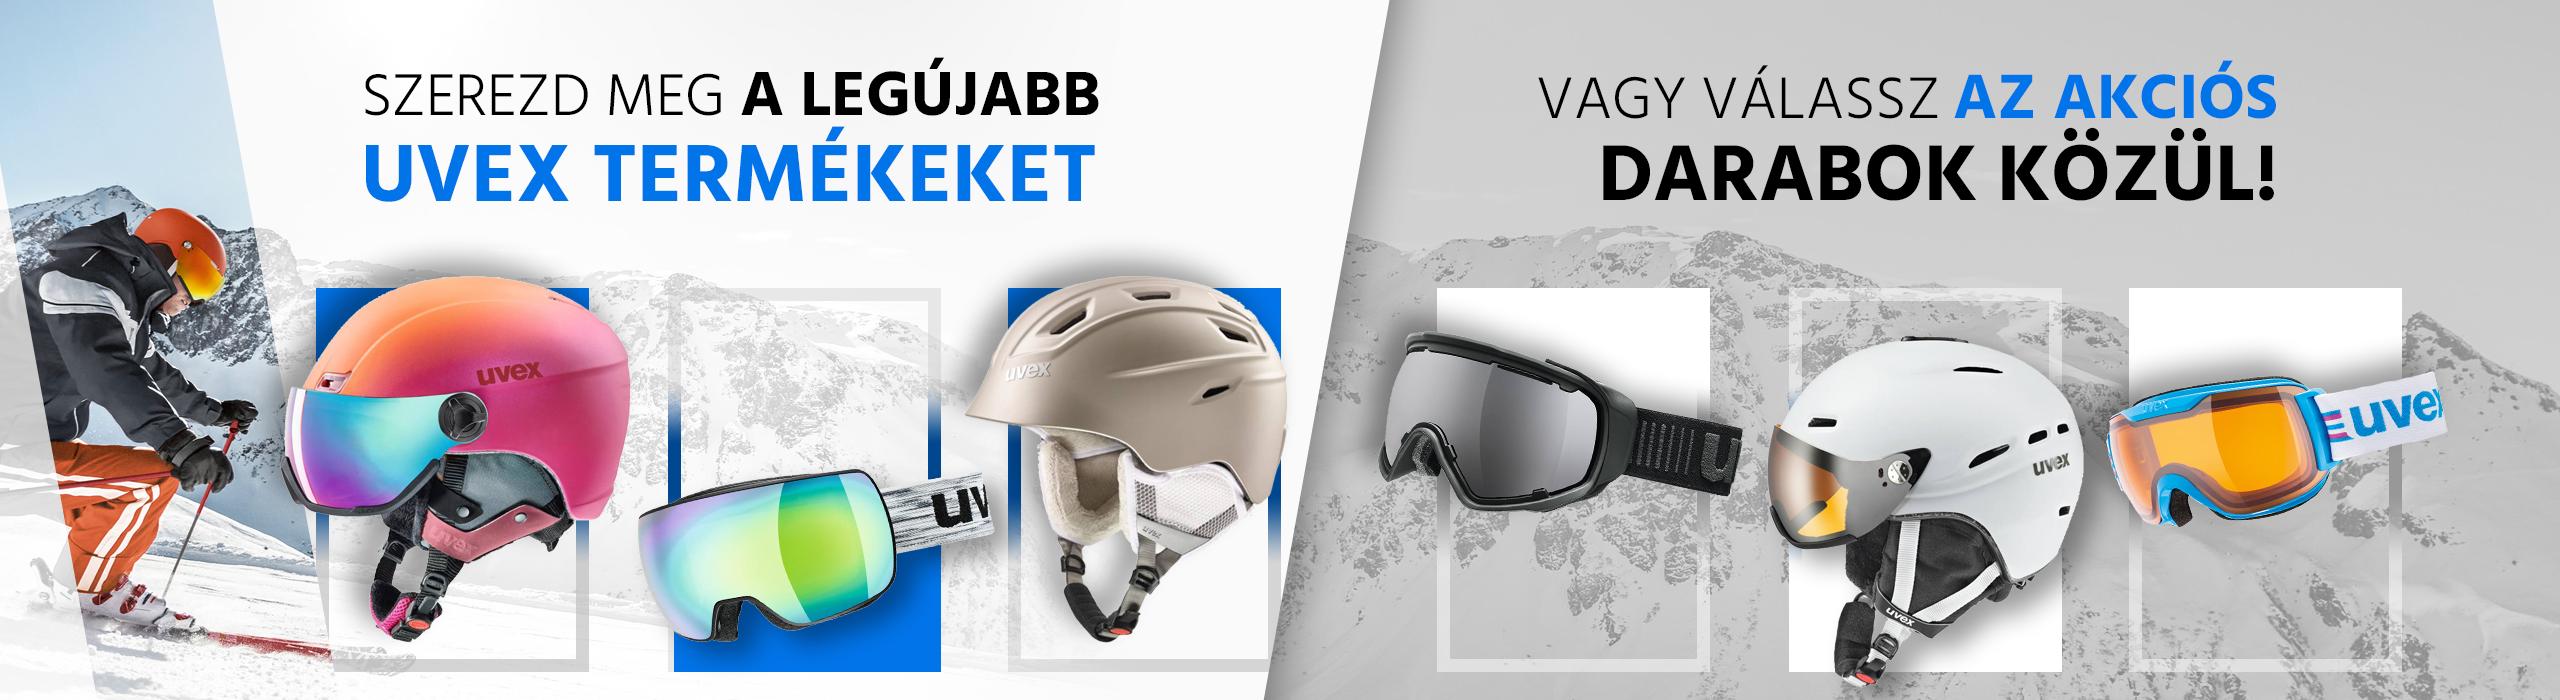 Uvex új termékek és akciók